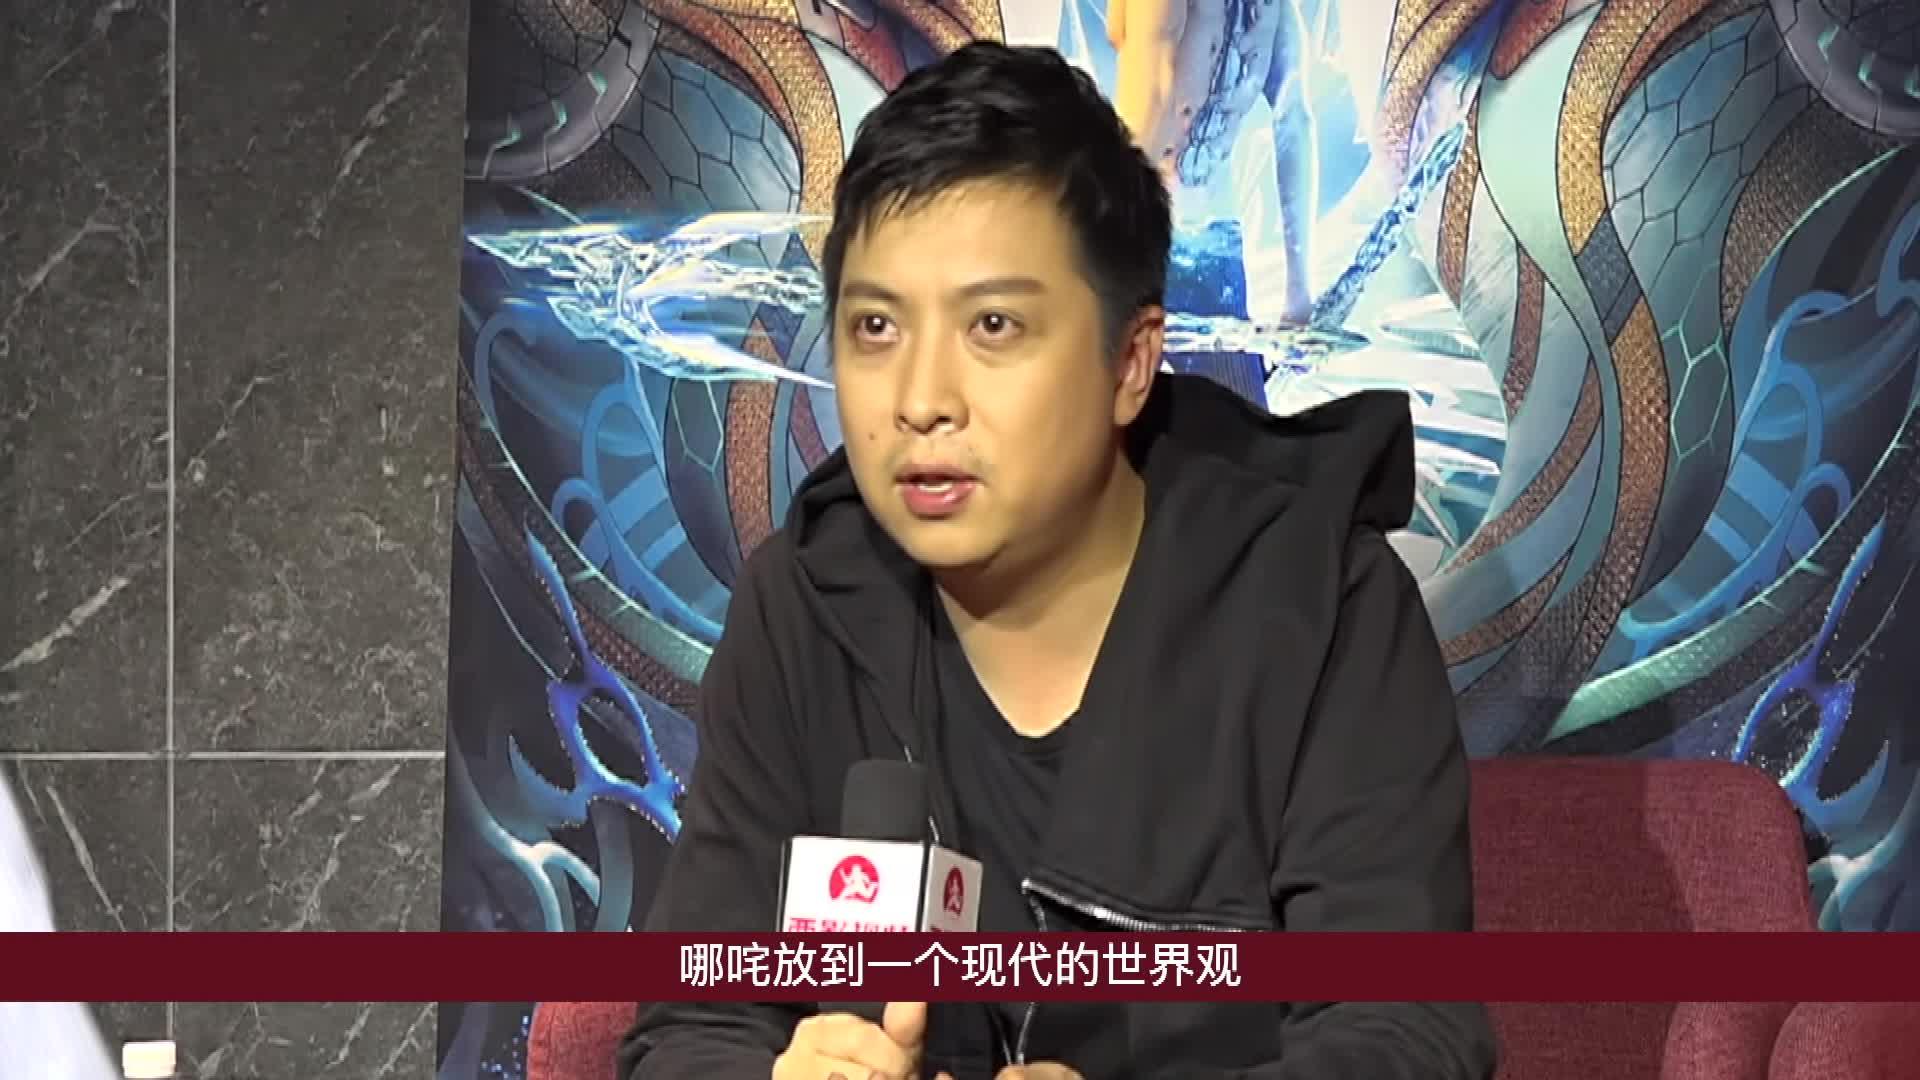 《新神榜:哪吒重生》导演赵霁专访